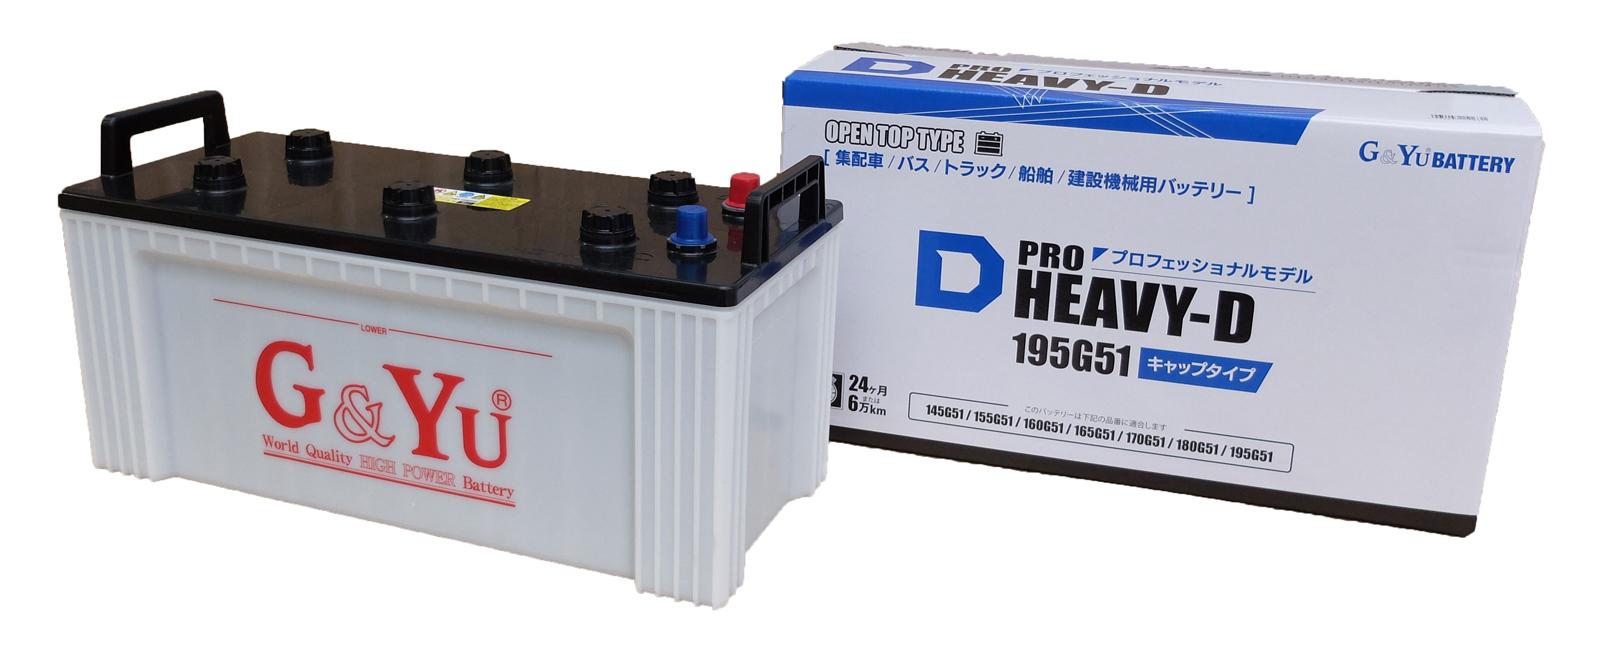 G&Yu バッテリー HD-195G51 HD-195G51 HD-195G51 439